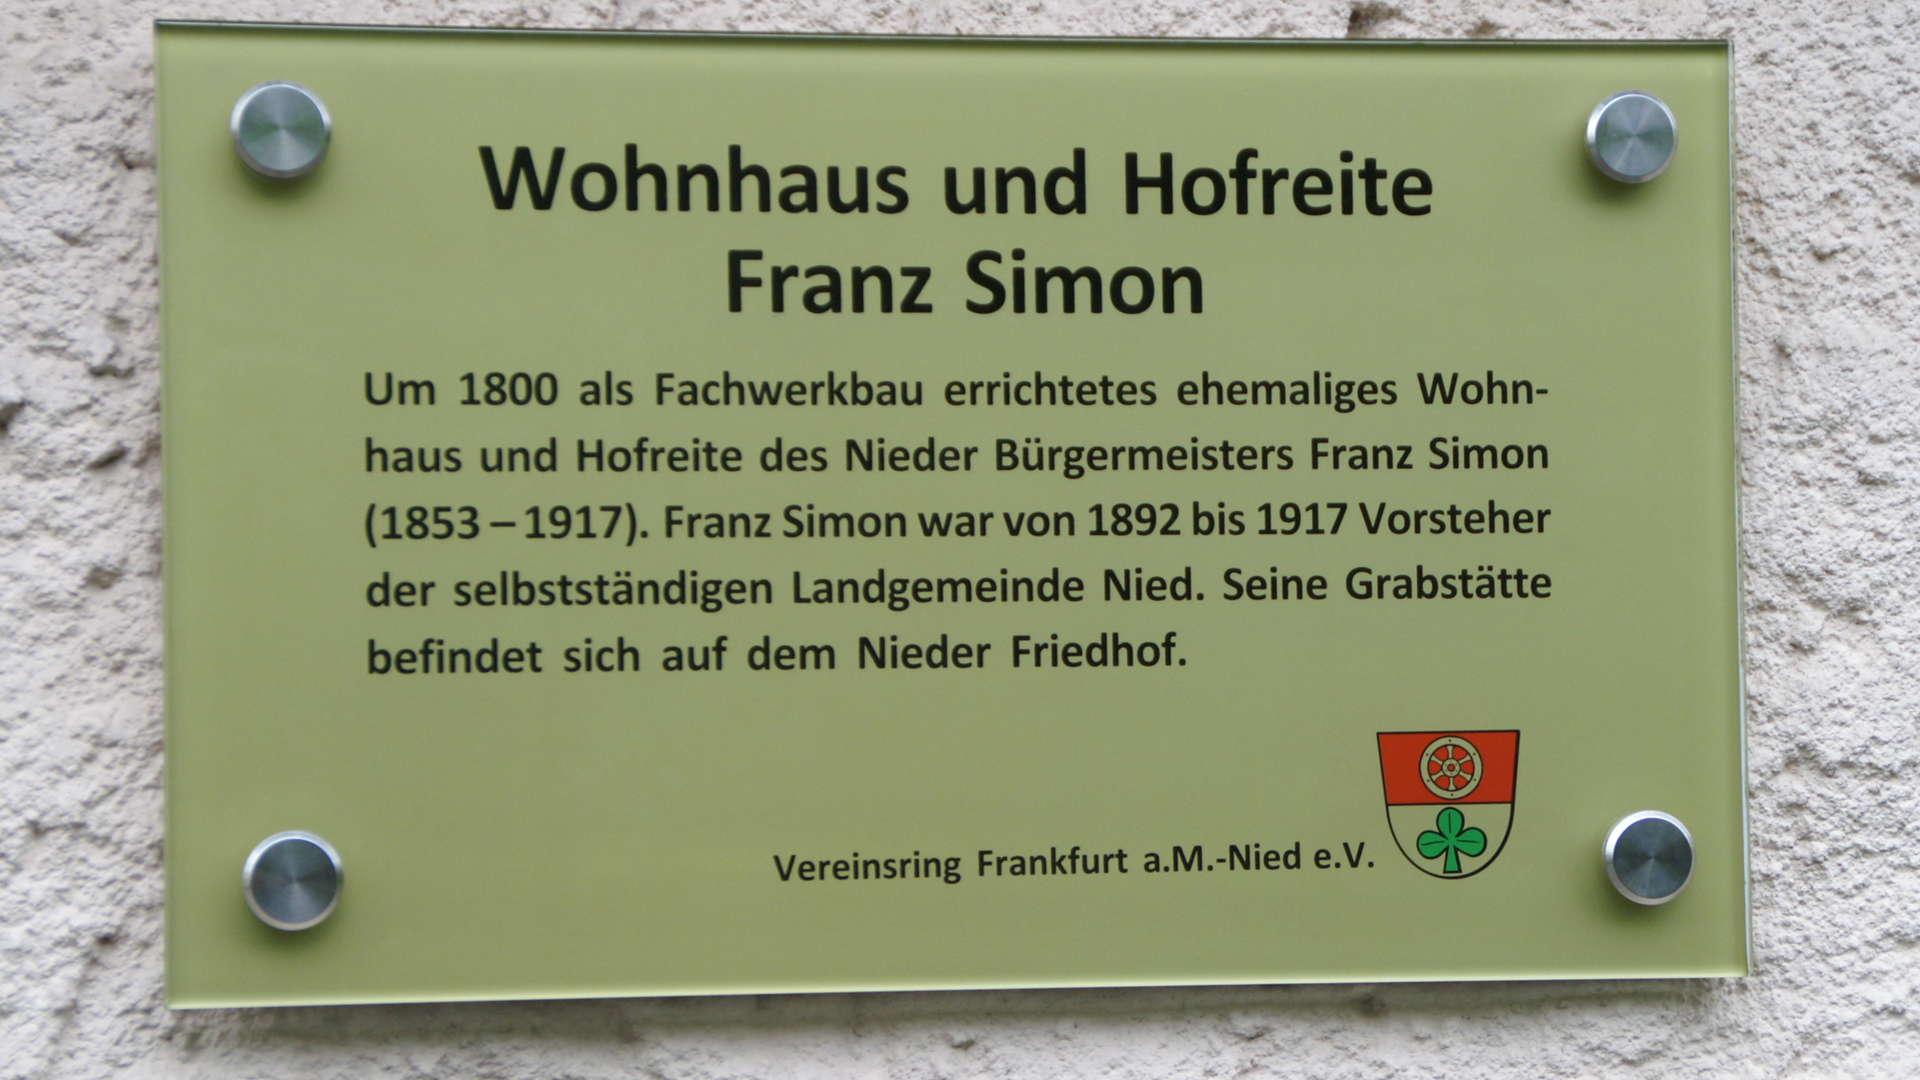 Wohnhaus und Hofreite Franz Simon